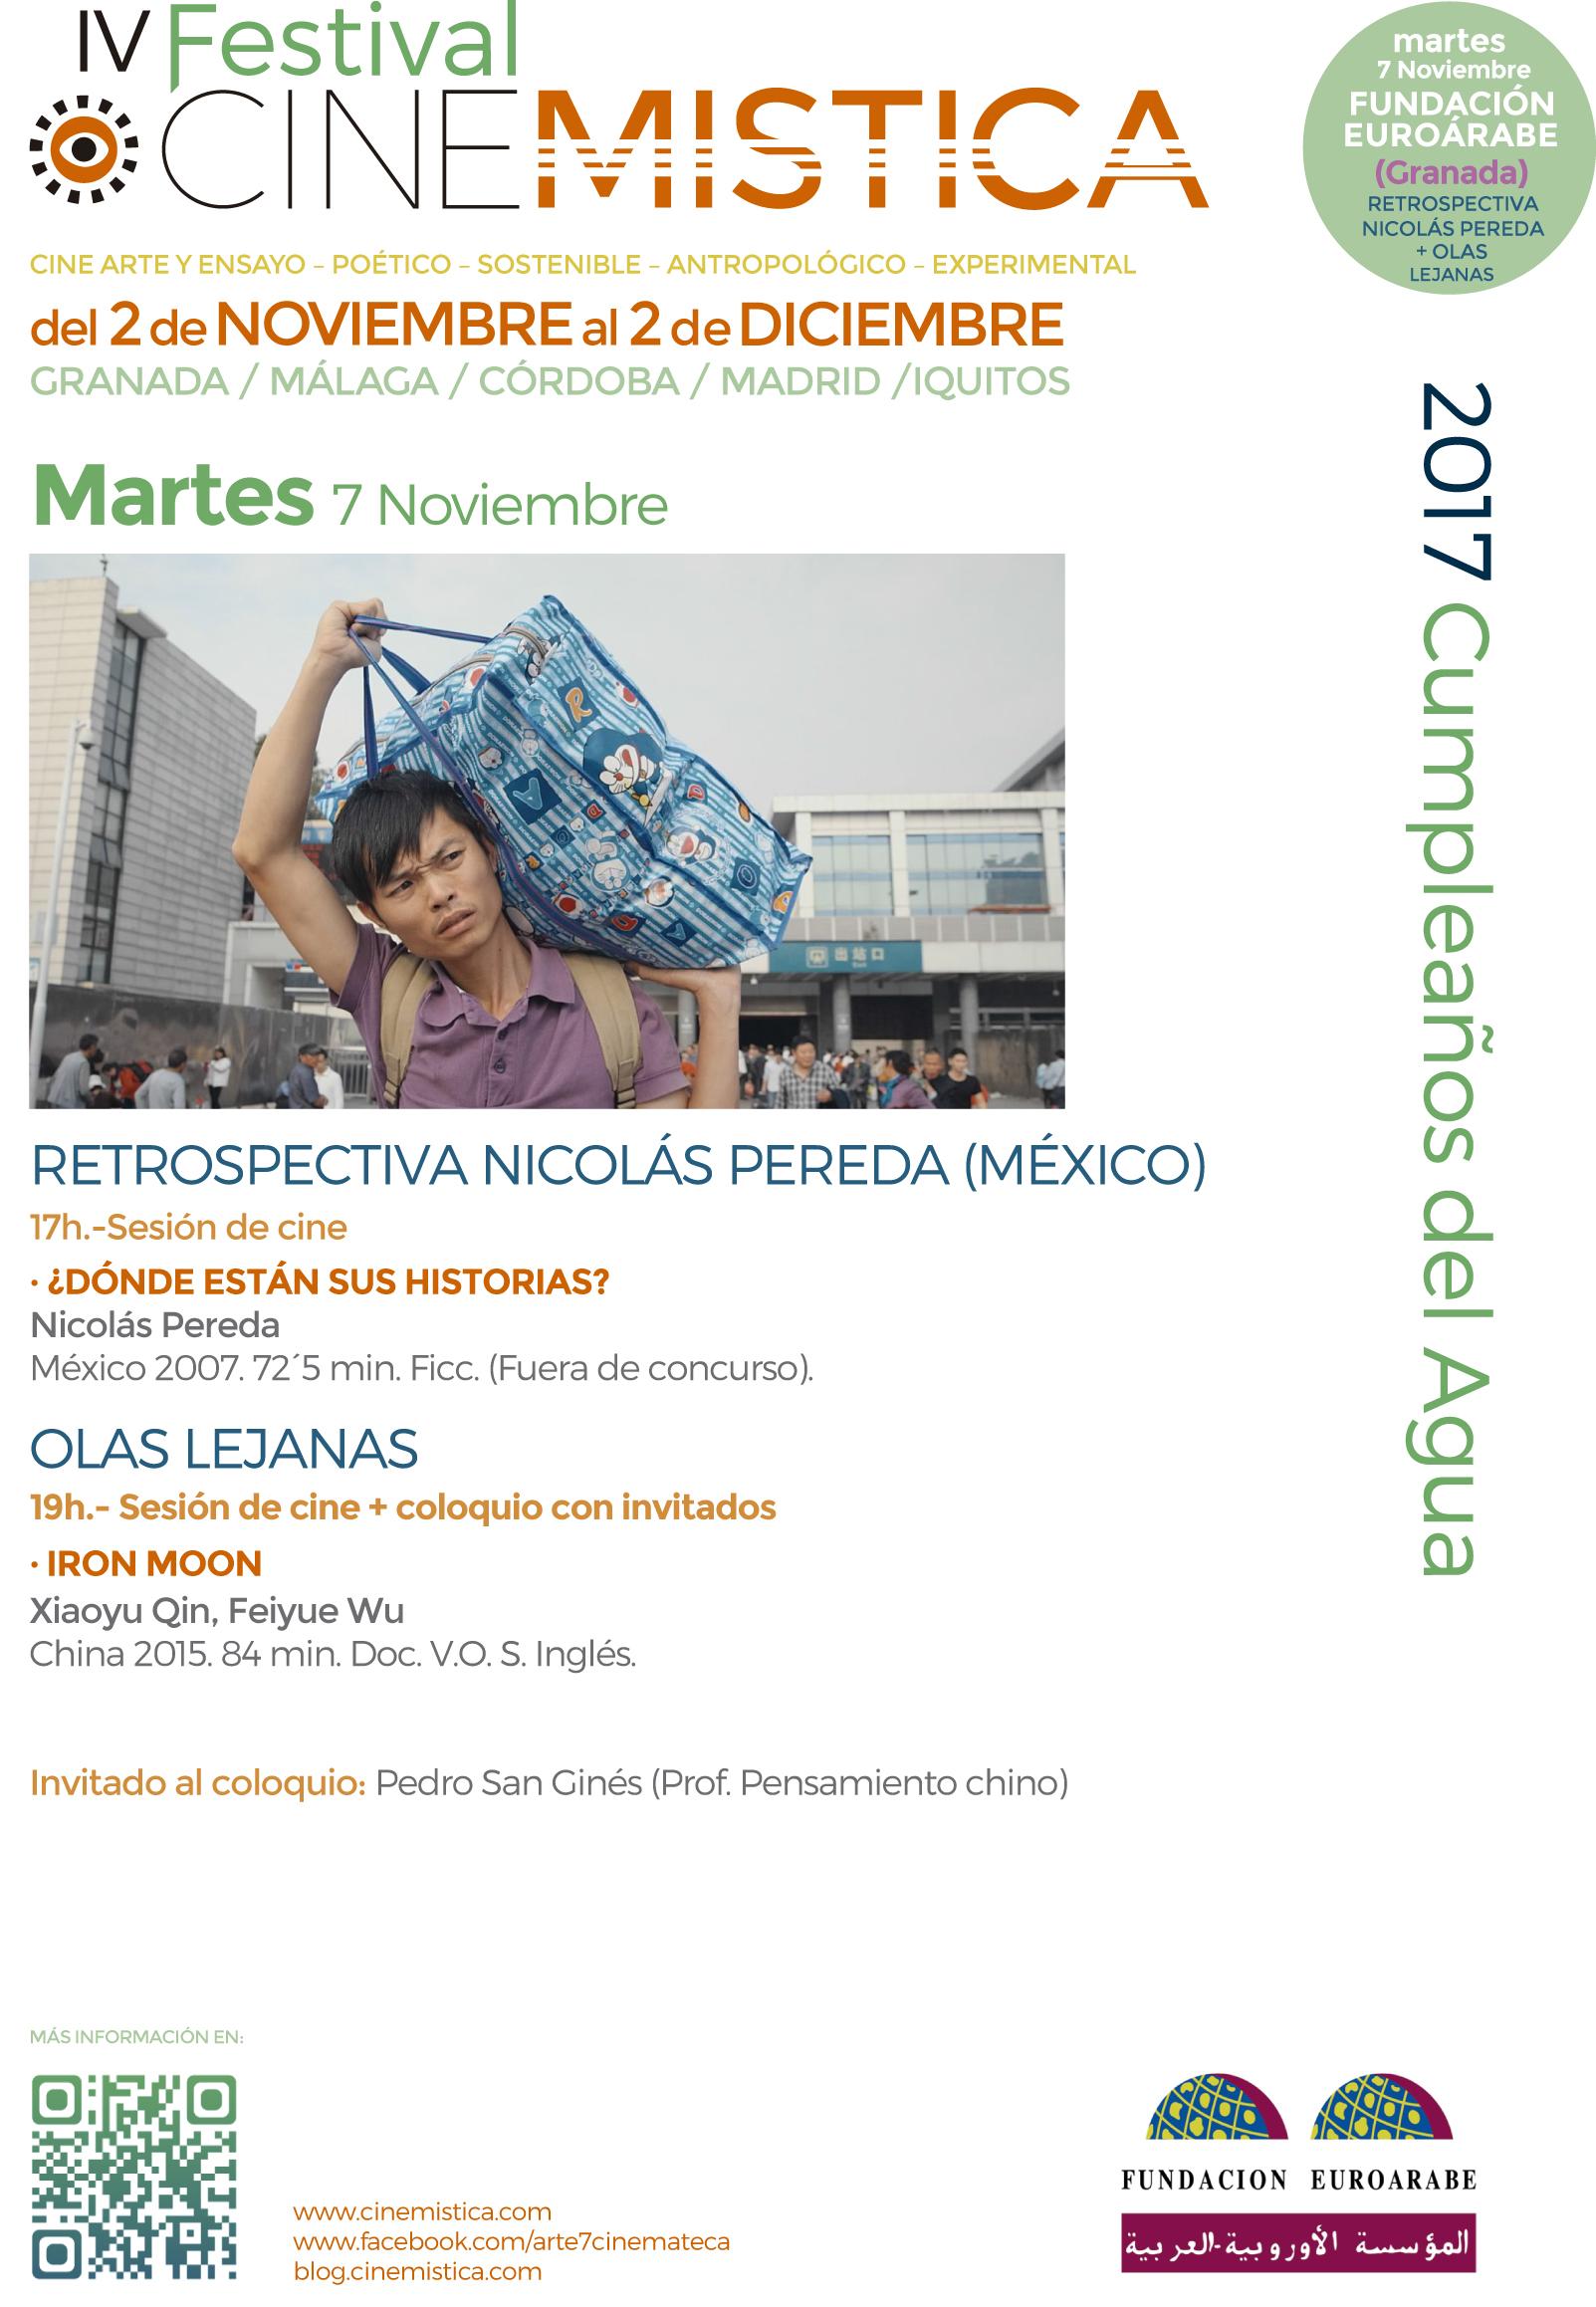 6. Programa Martes 7. Granada